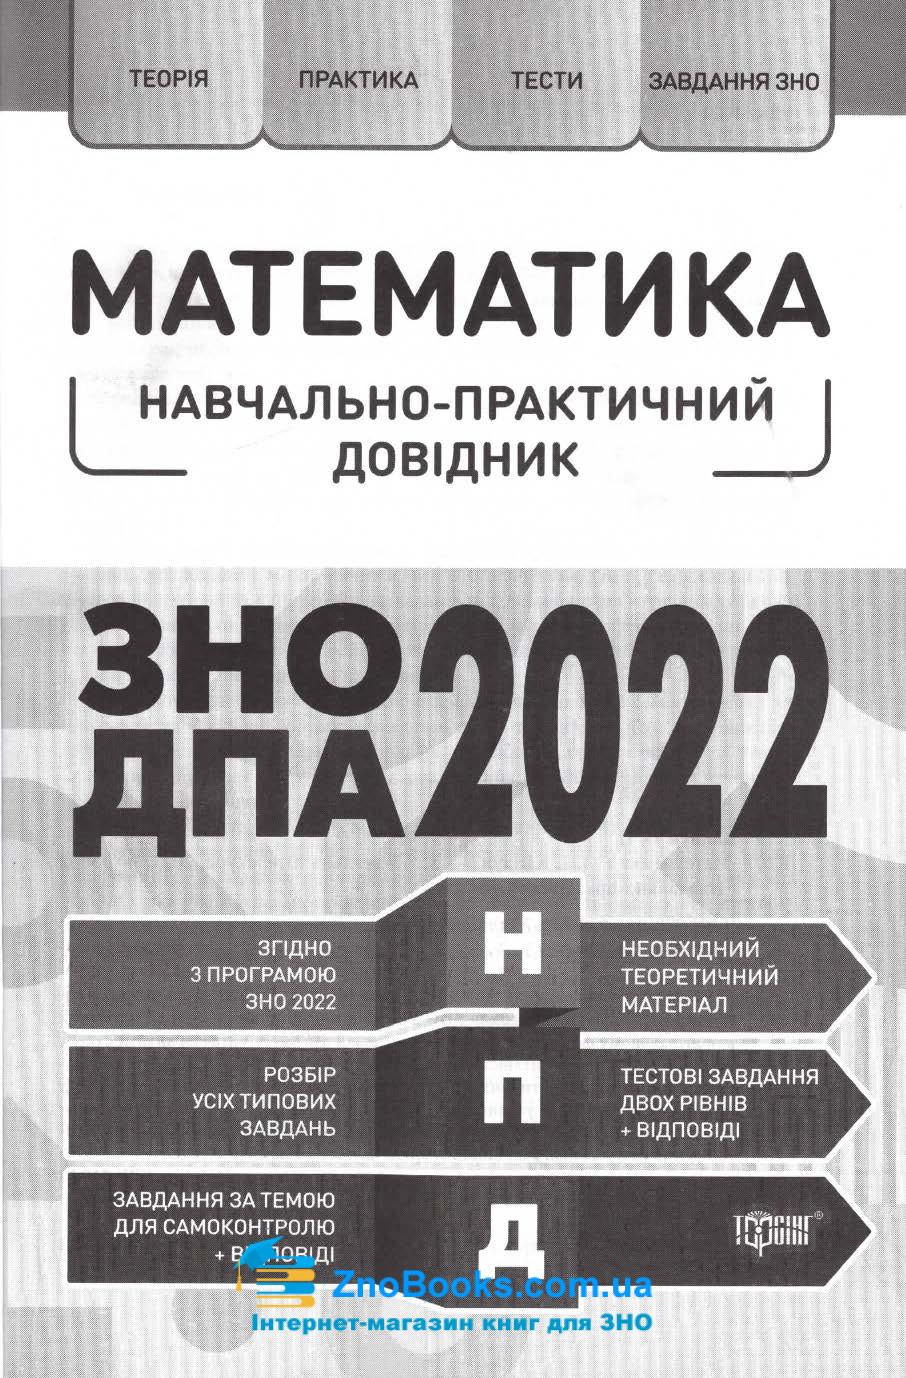 Математика ЗНО і ДПА 2022. Навчально-практичний довідник : Каплун О. Торсінг. купити 1